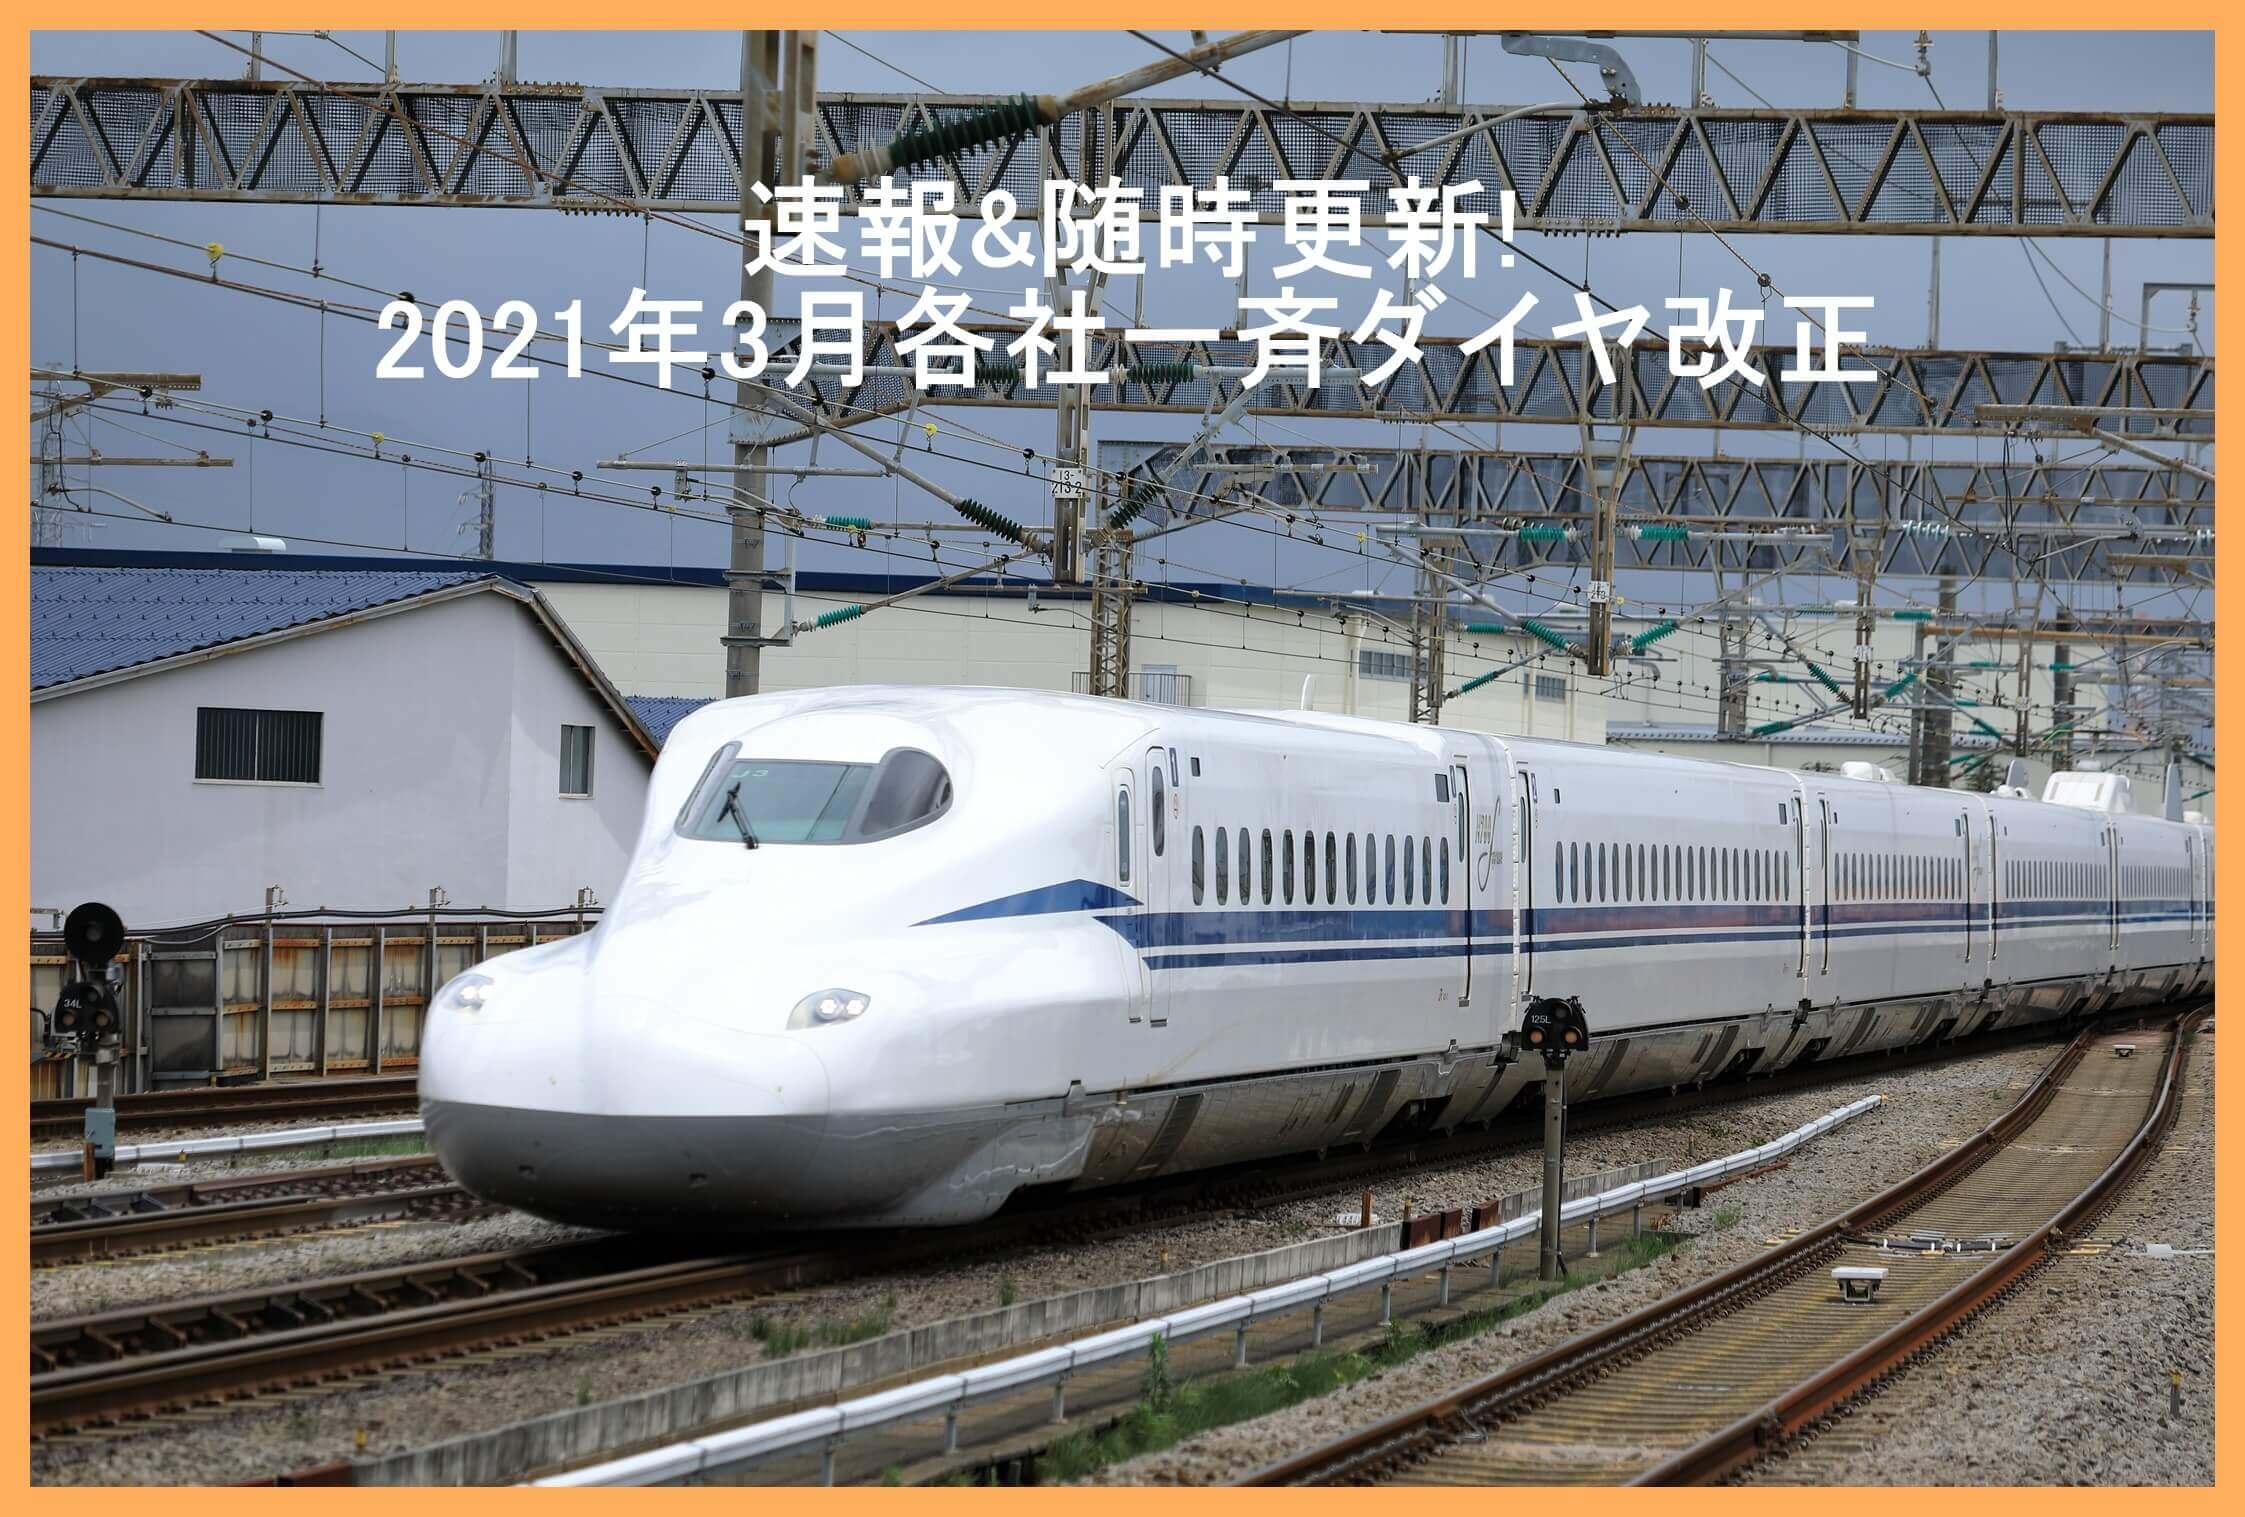 ダイヤ 改正 2021 2021年の鉄道 - Wikipedia